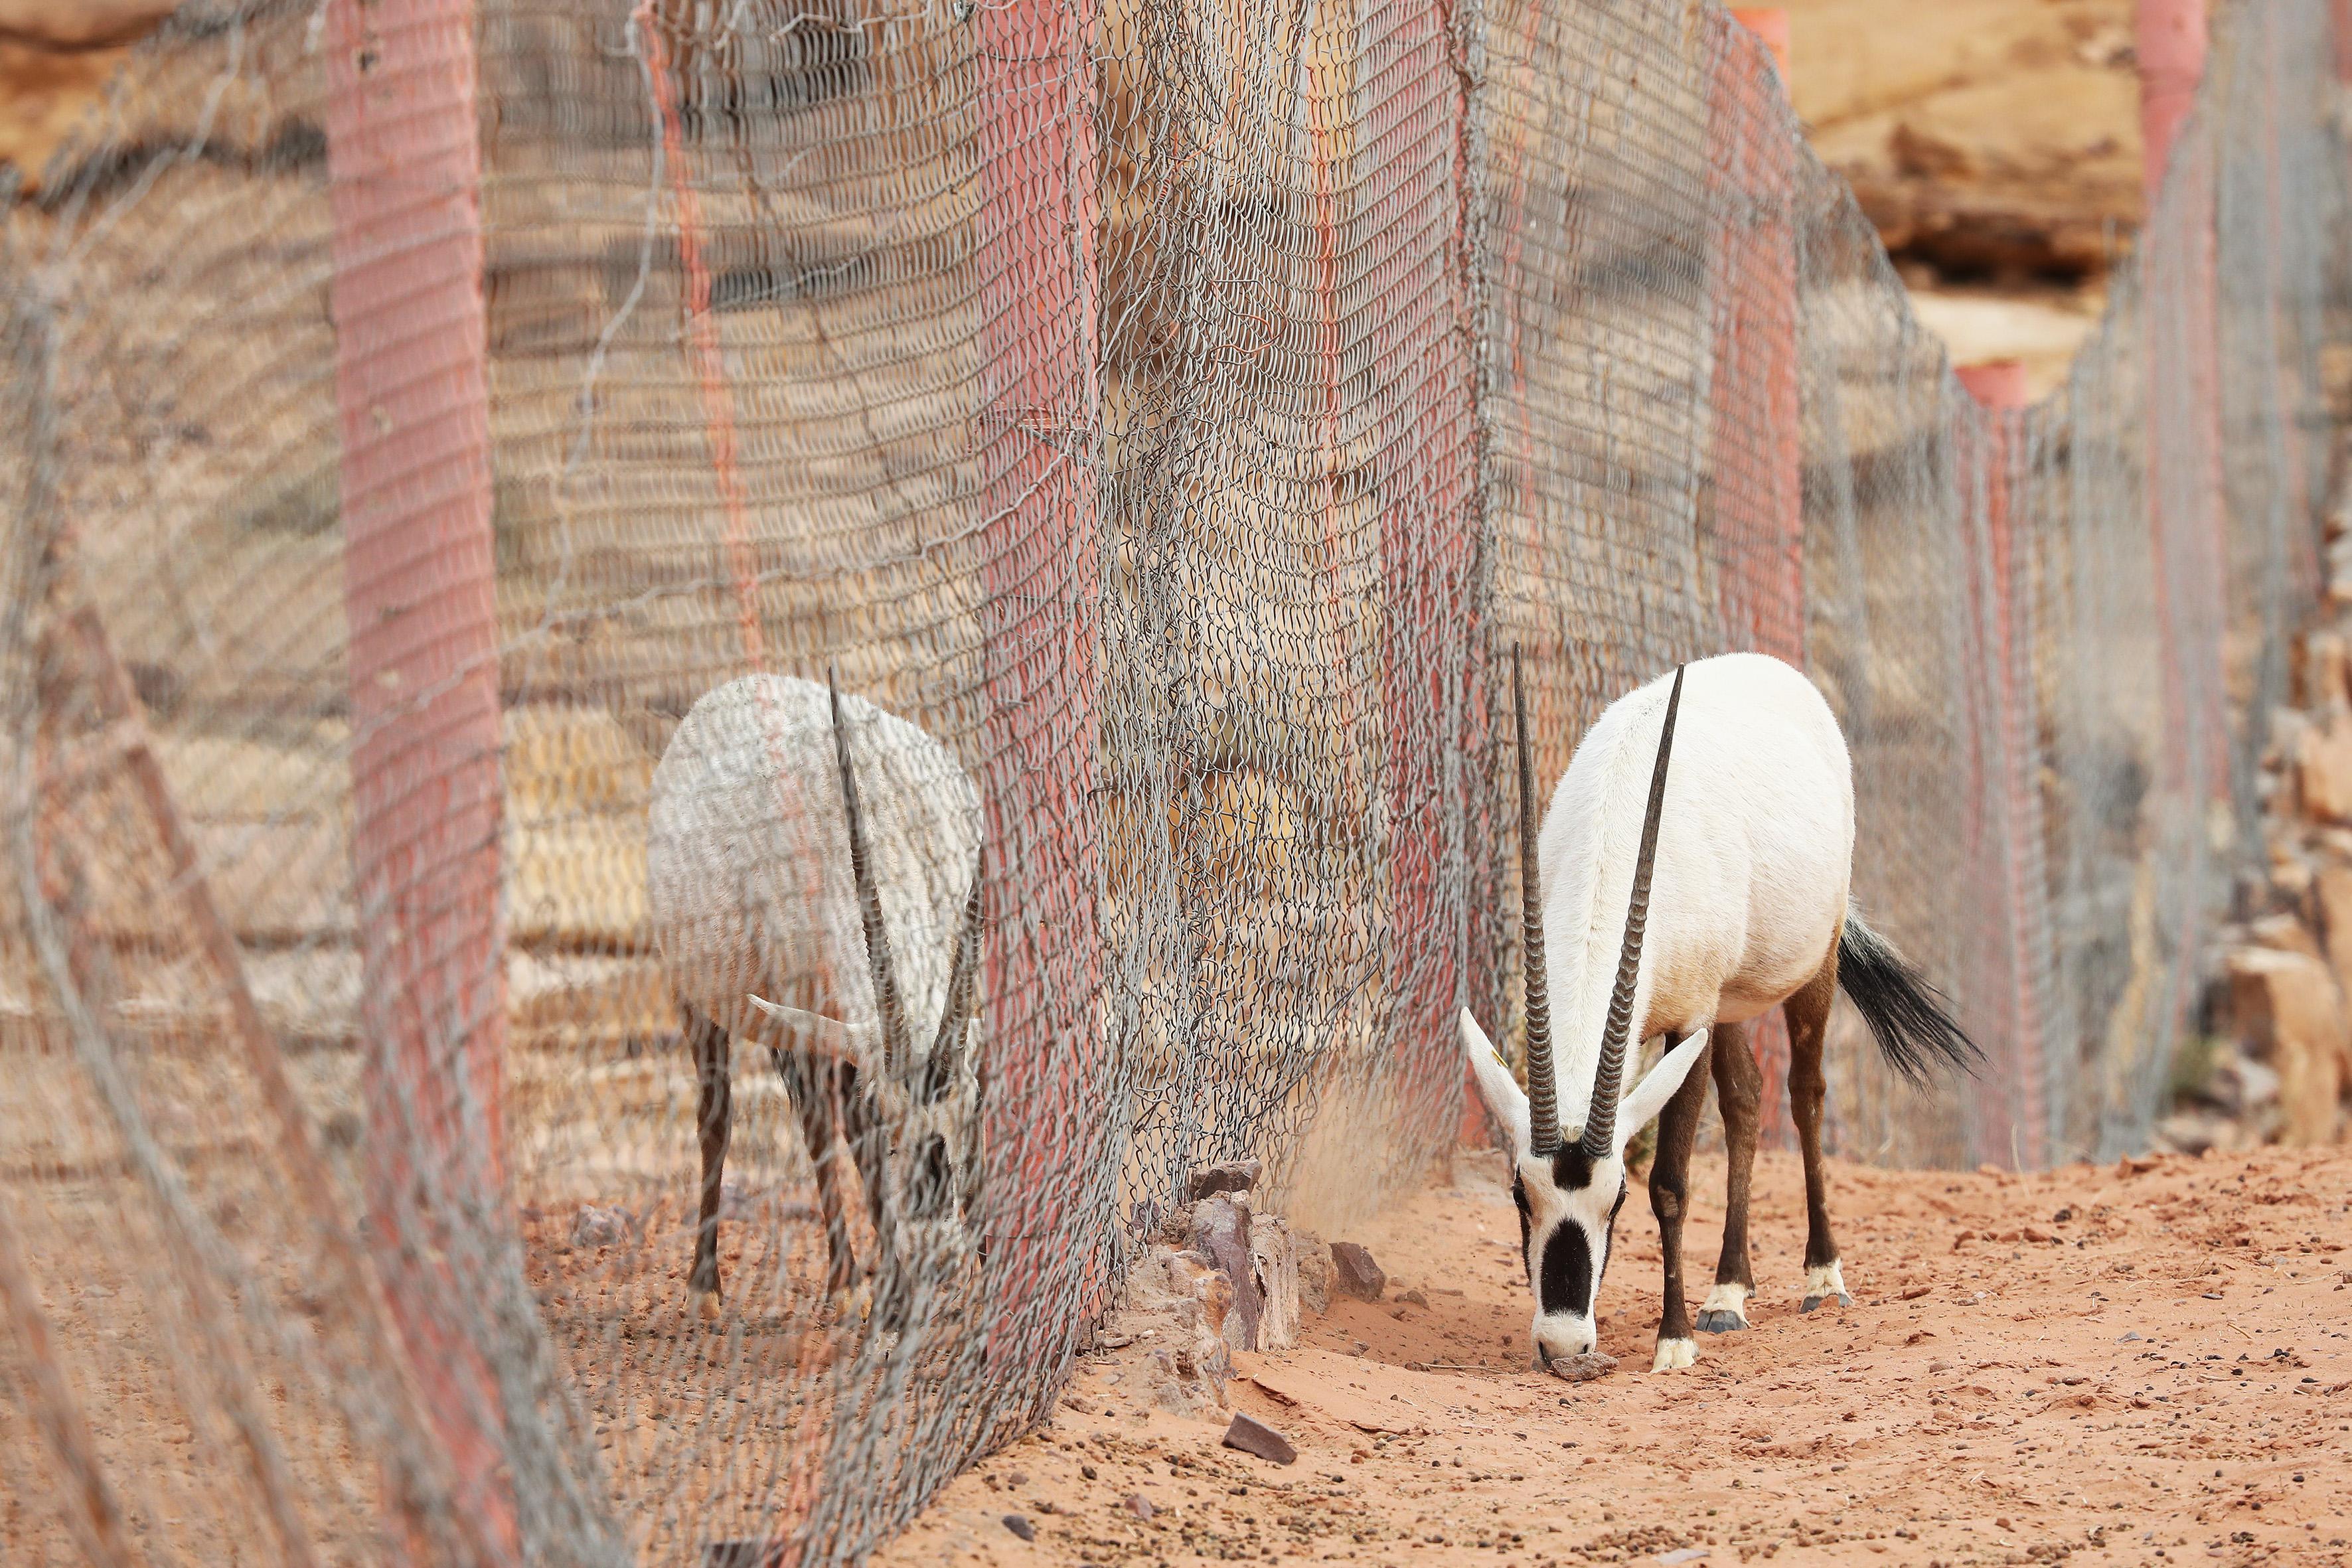 JORDANIE - Oryx des Sables